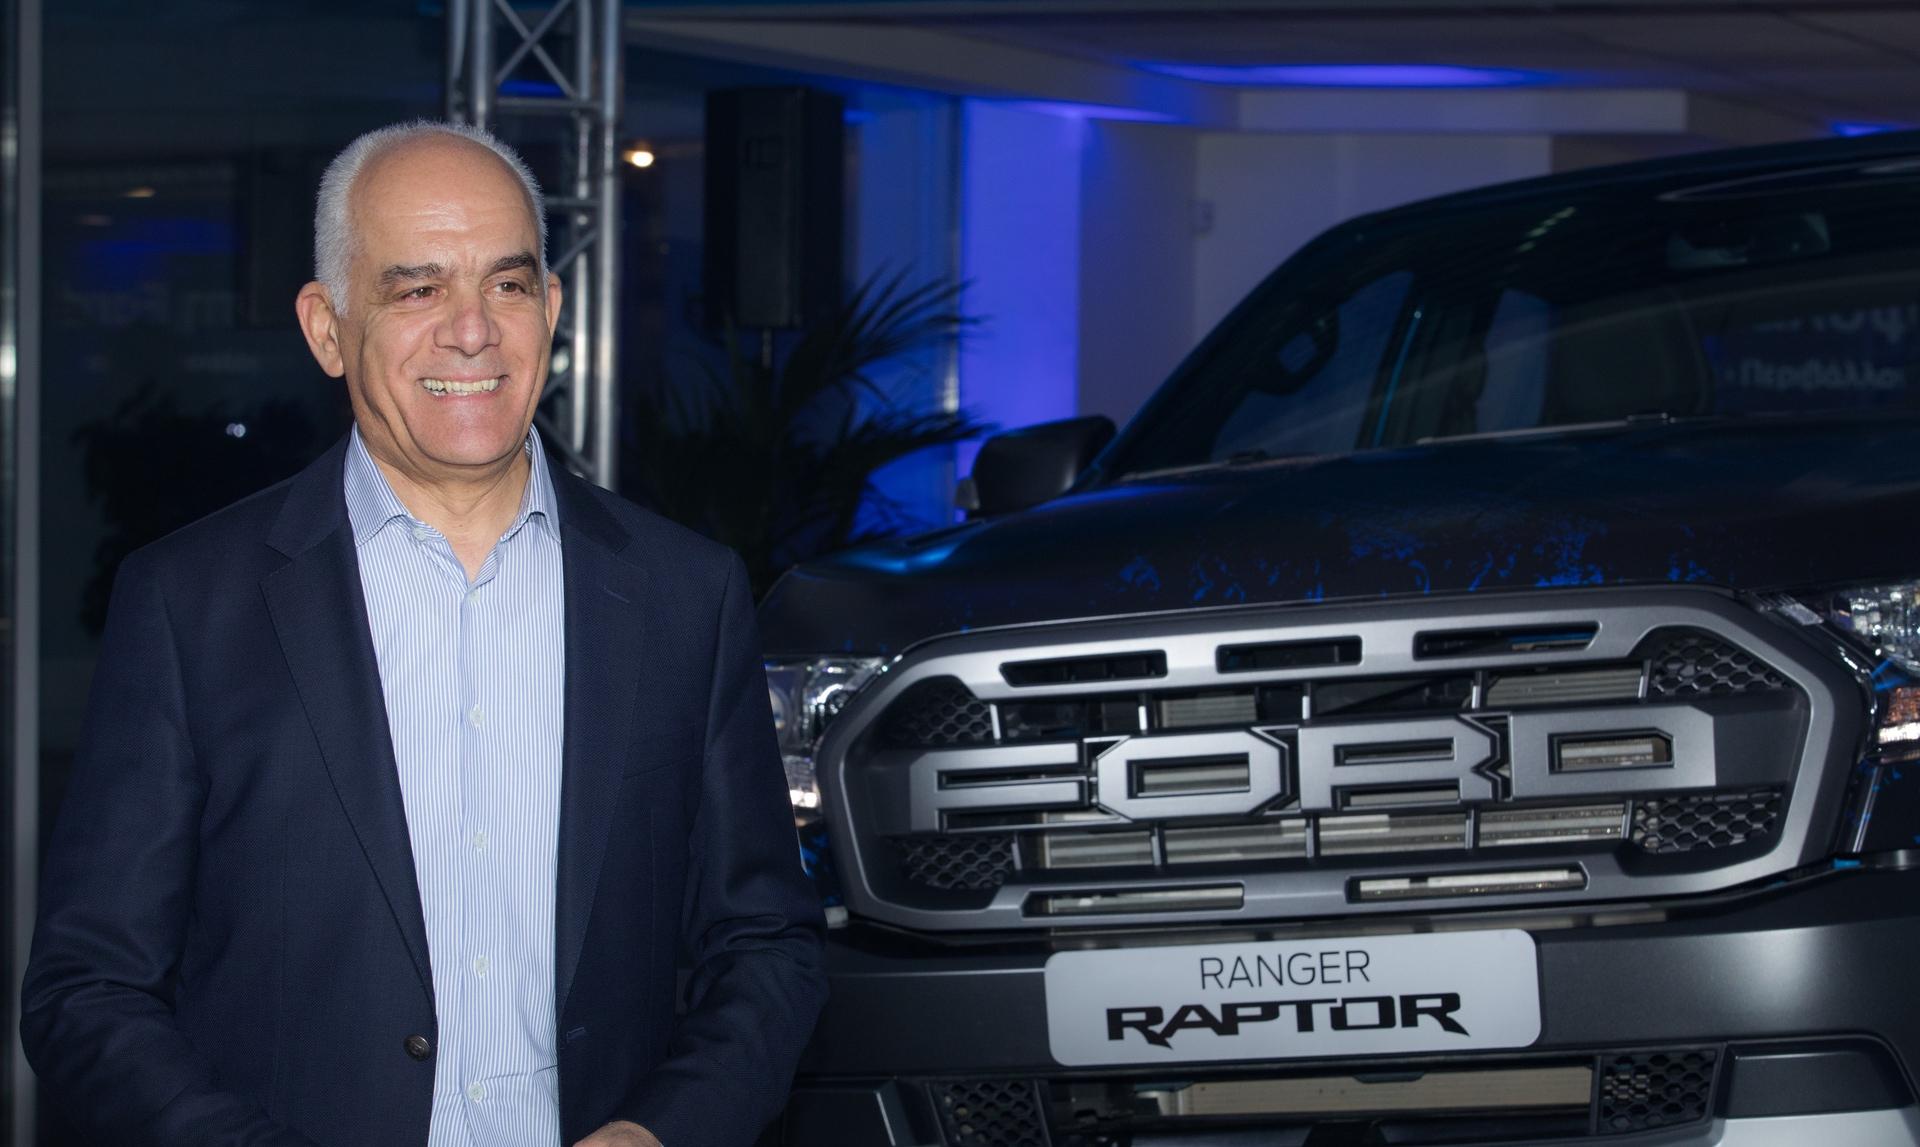 Ford_Ranger_Raptor_greek_resentation_0022